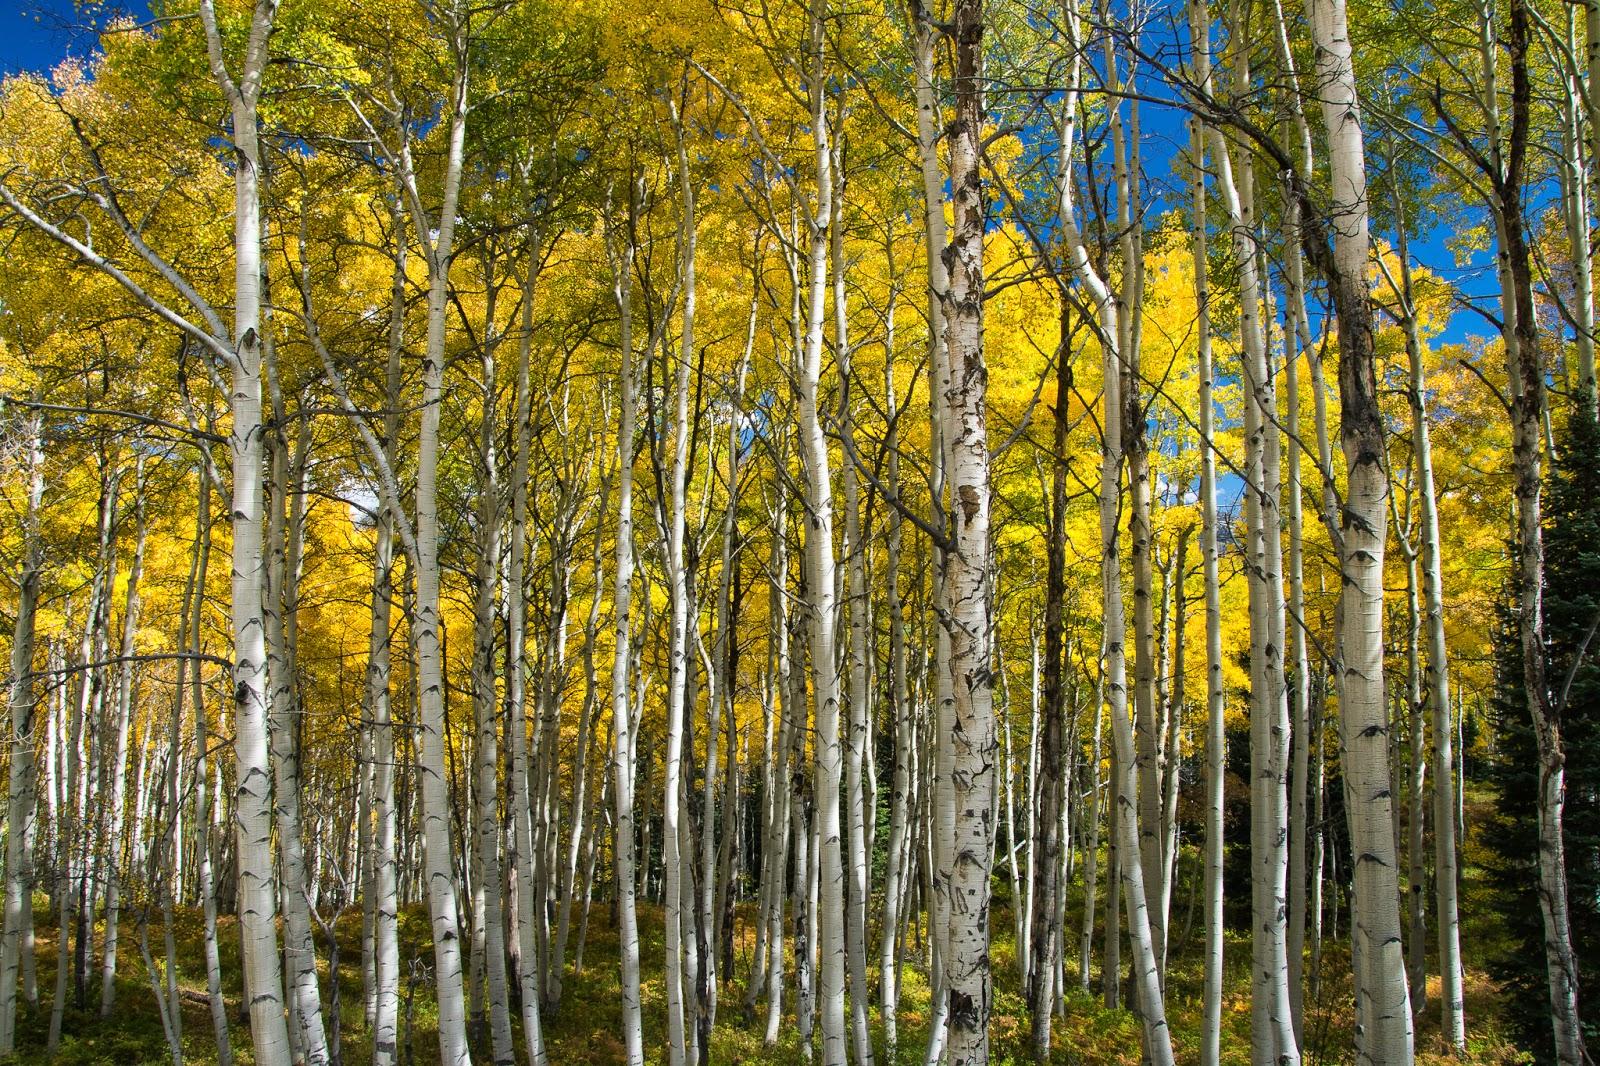 Aspen Grove on Kebler Pass